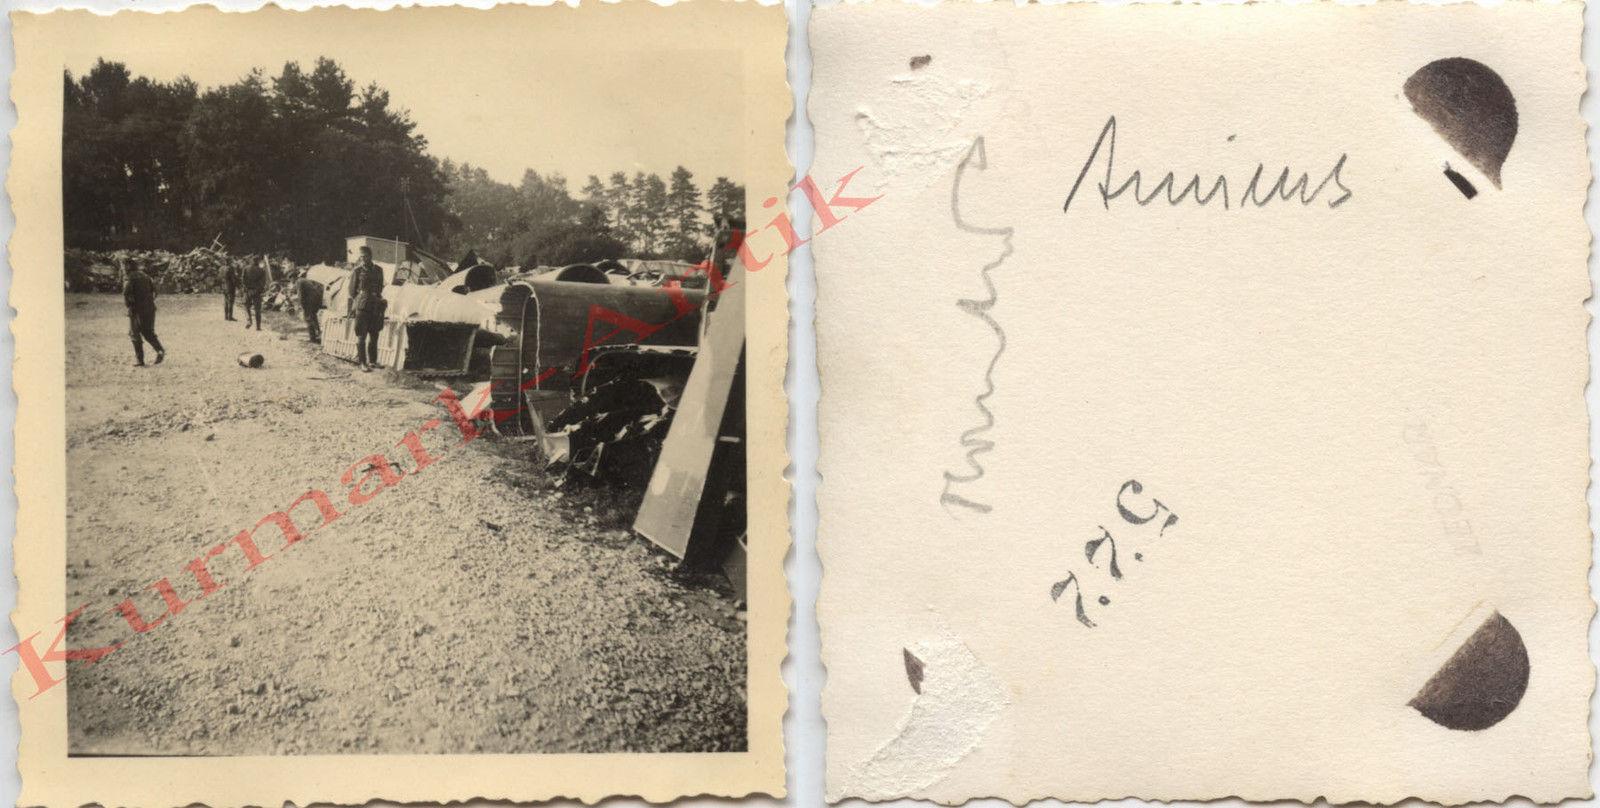 Cimetière d'avions Amiens